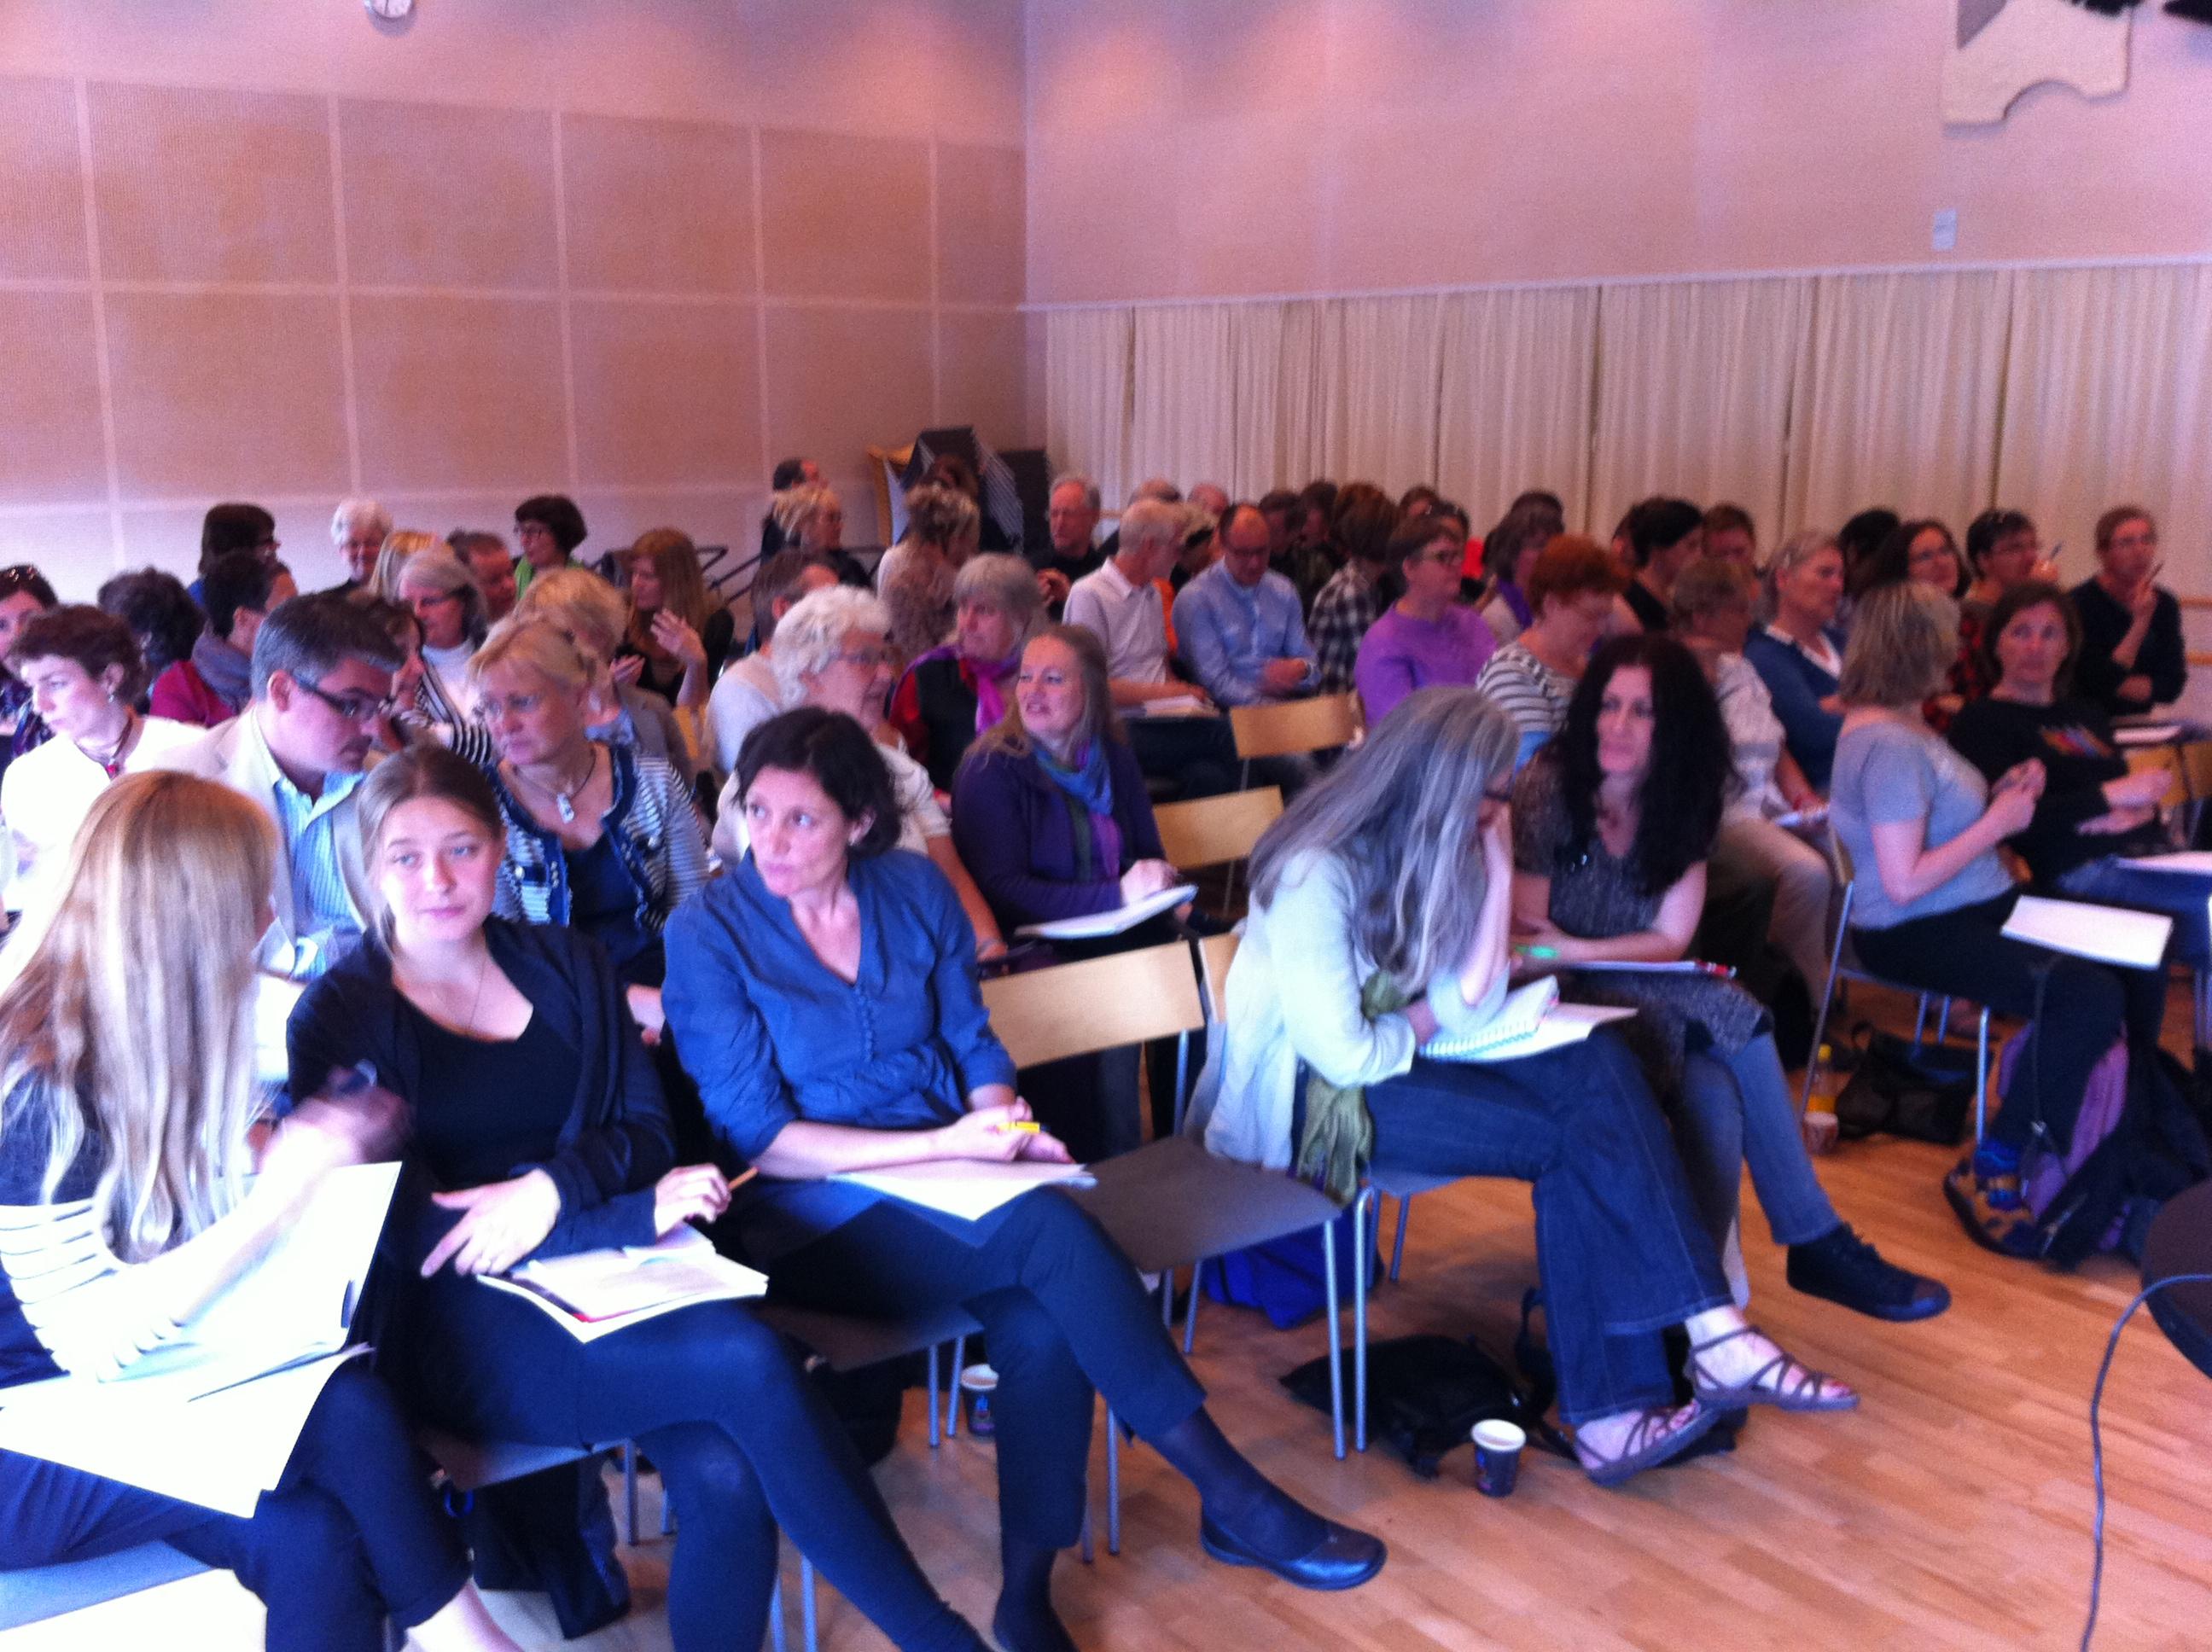 Sociala medier + 65 konsthantverkare = En förmiddag i Hässleholm